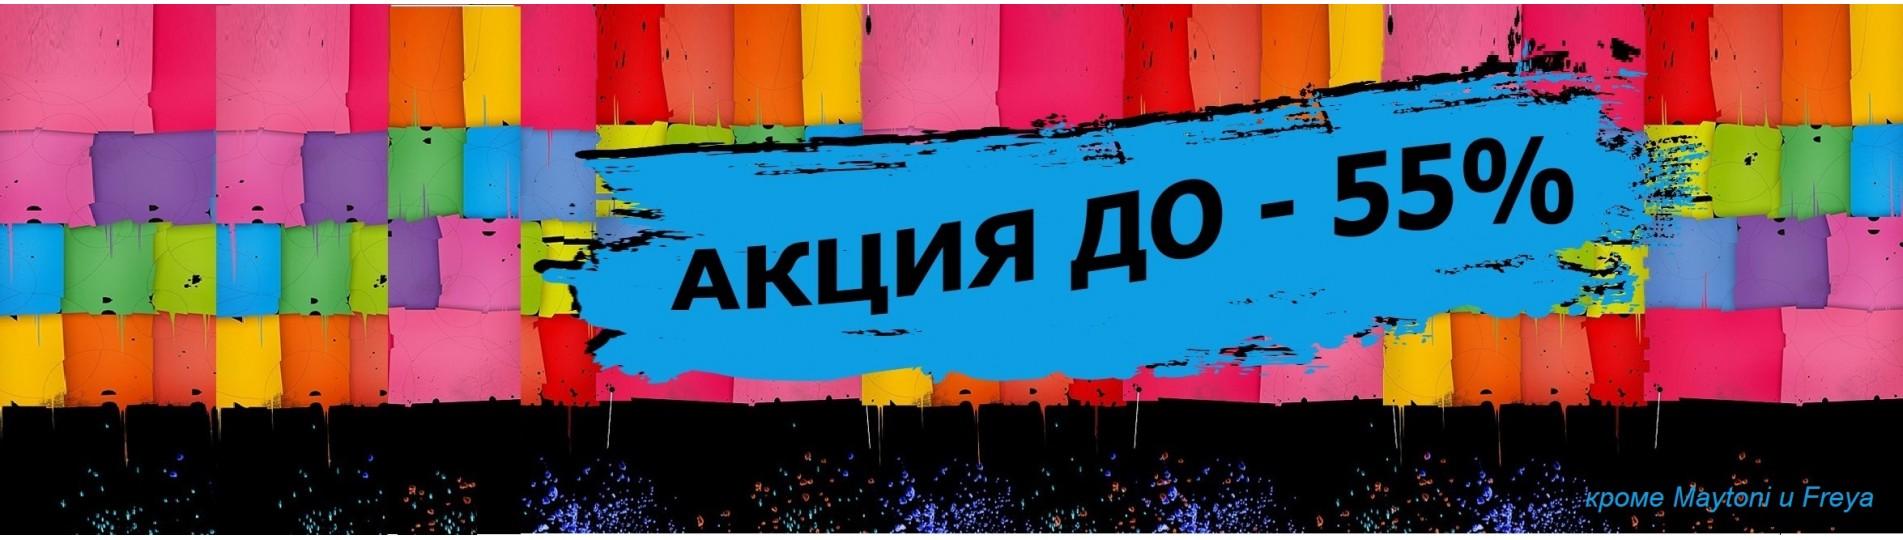 main-banner3